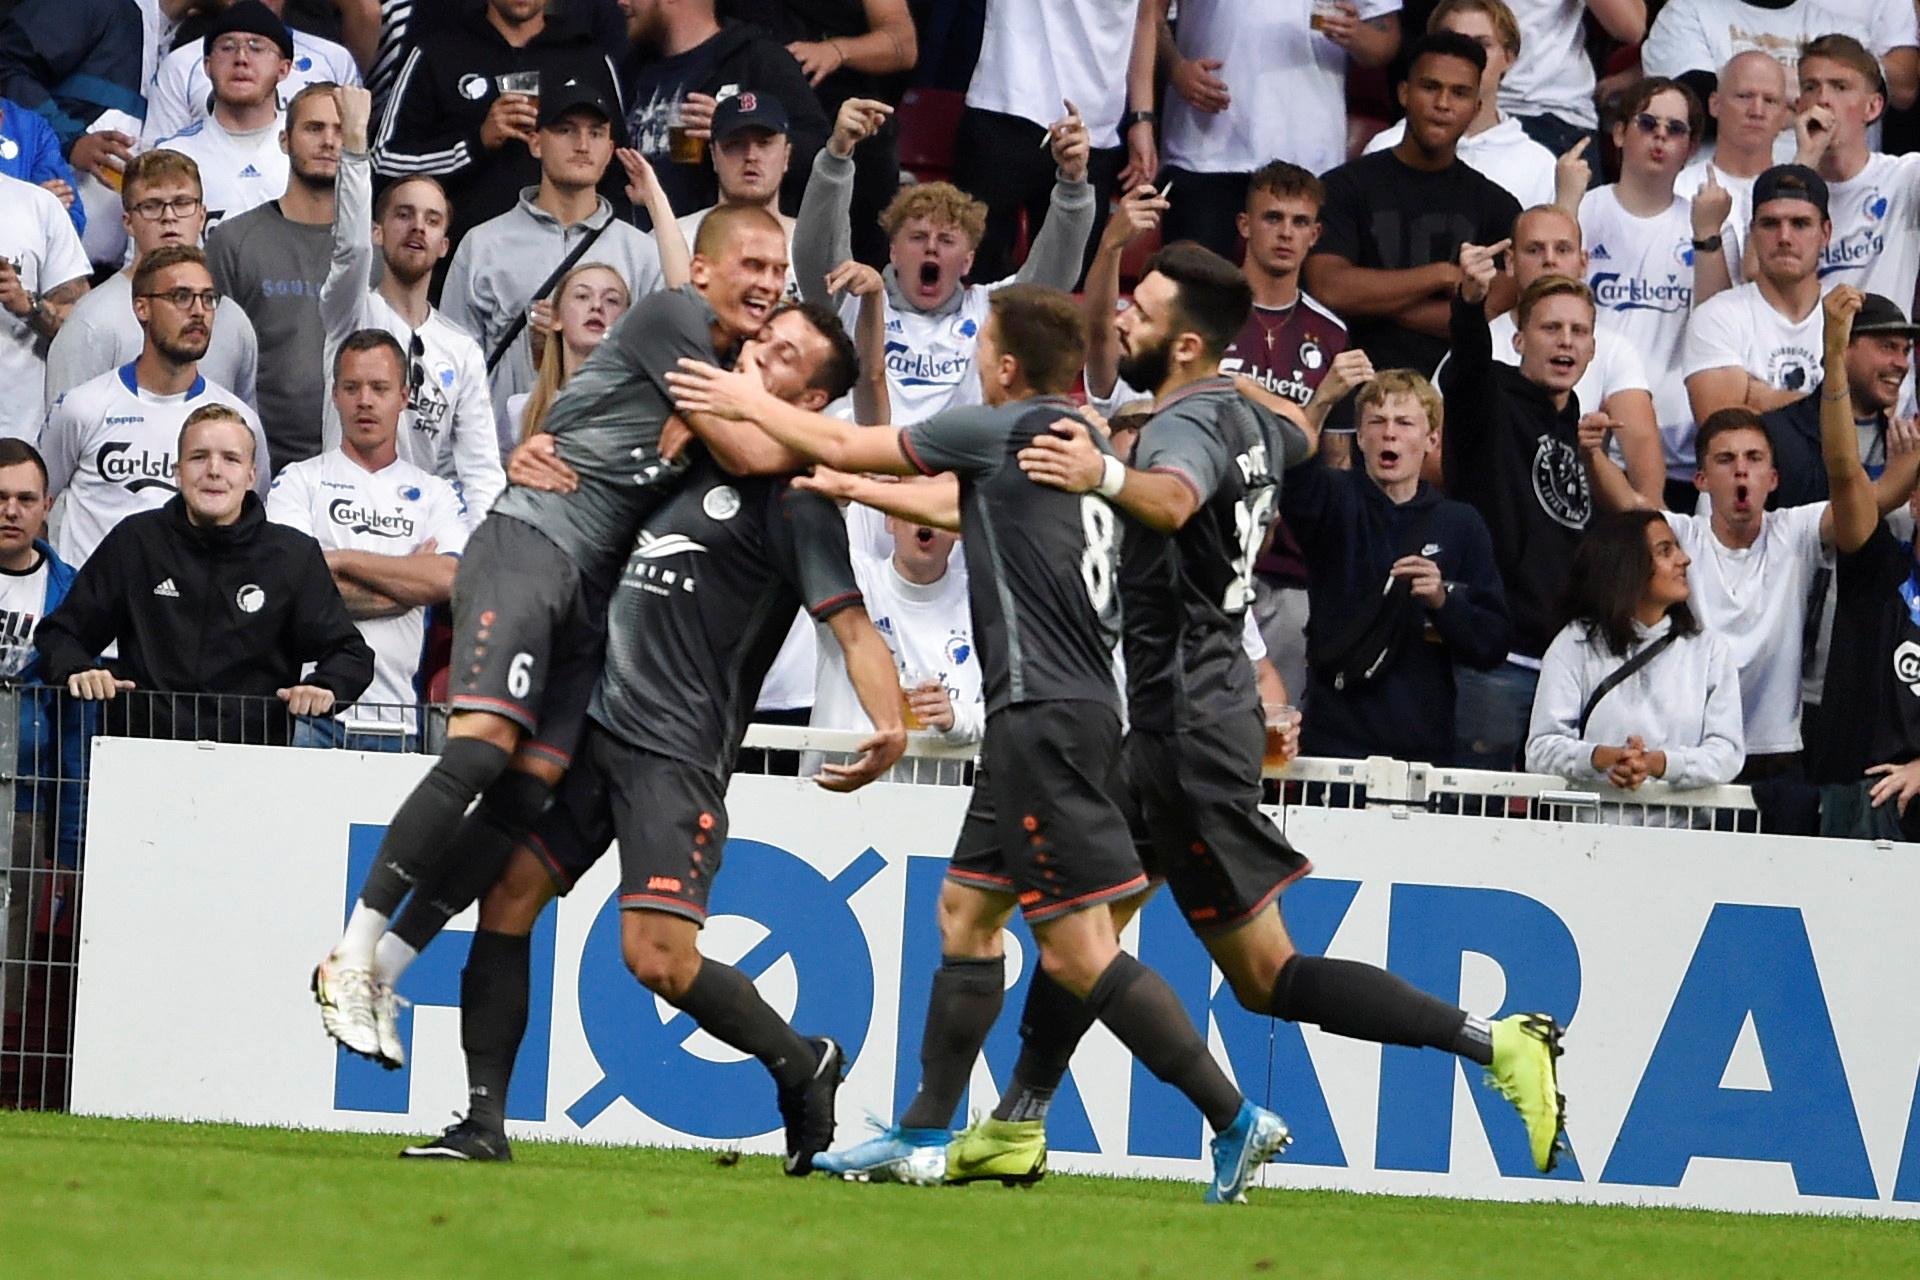 """Ceturtdien visi uz Skonto stadionu: """"Riga FC"""" soli no vēsturiska panākuma"""